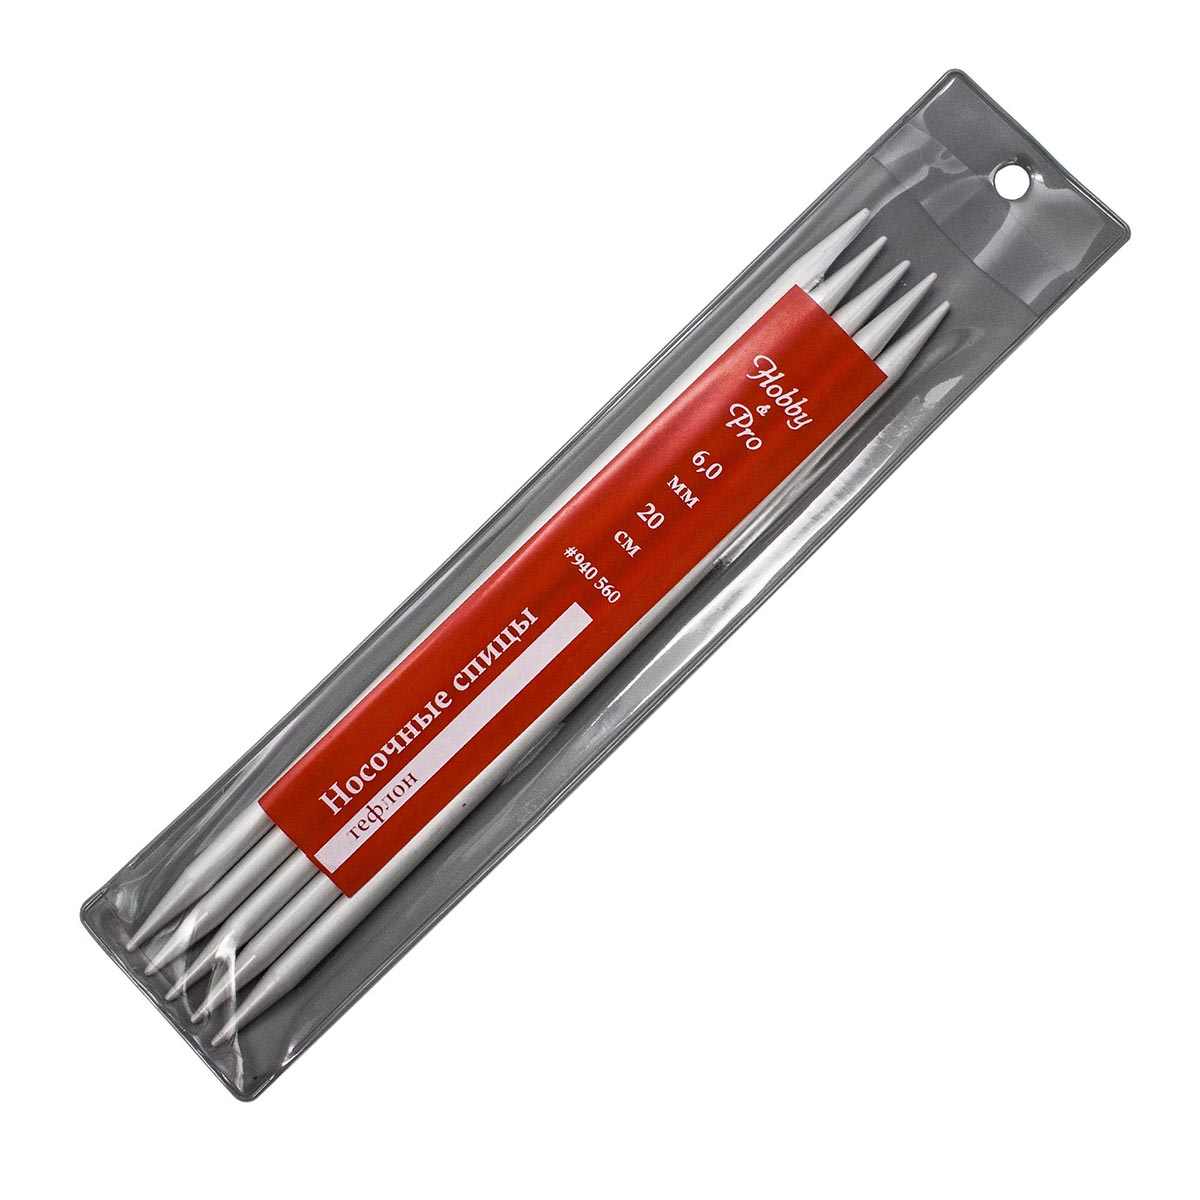 Спицы носочные алюминиевые с покрытием 940560/940506, 20 см, 6,0 мм, Hobby&Pro